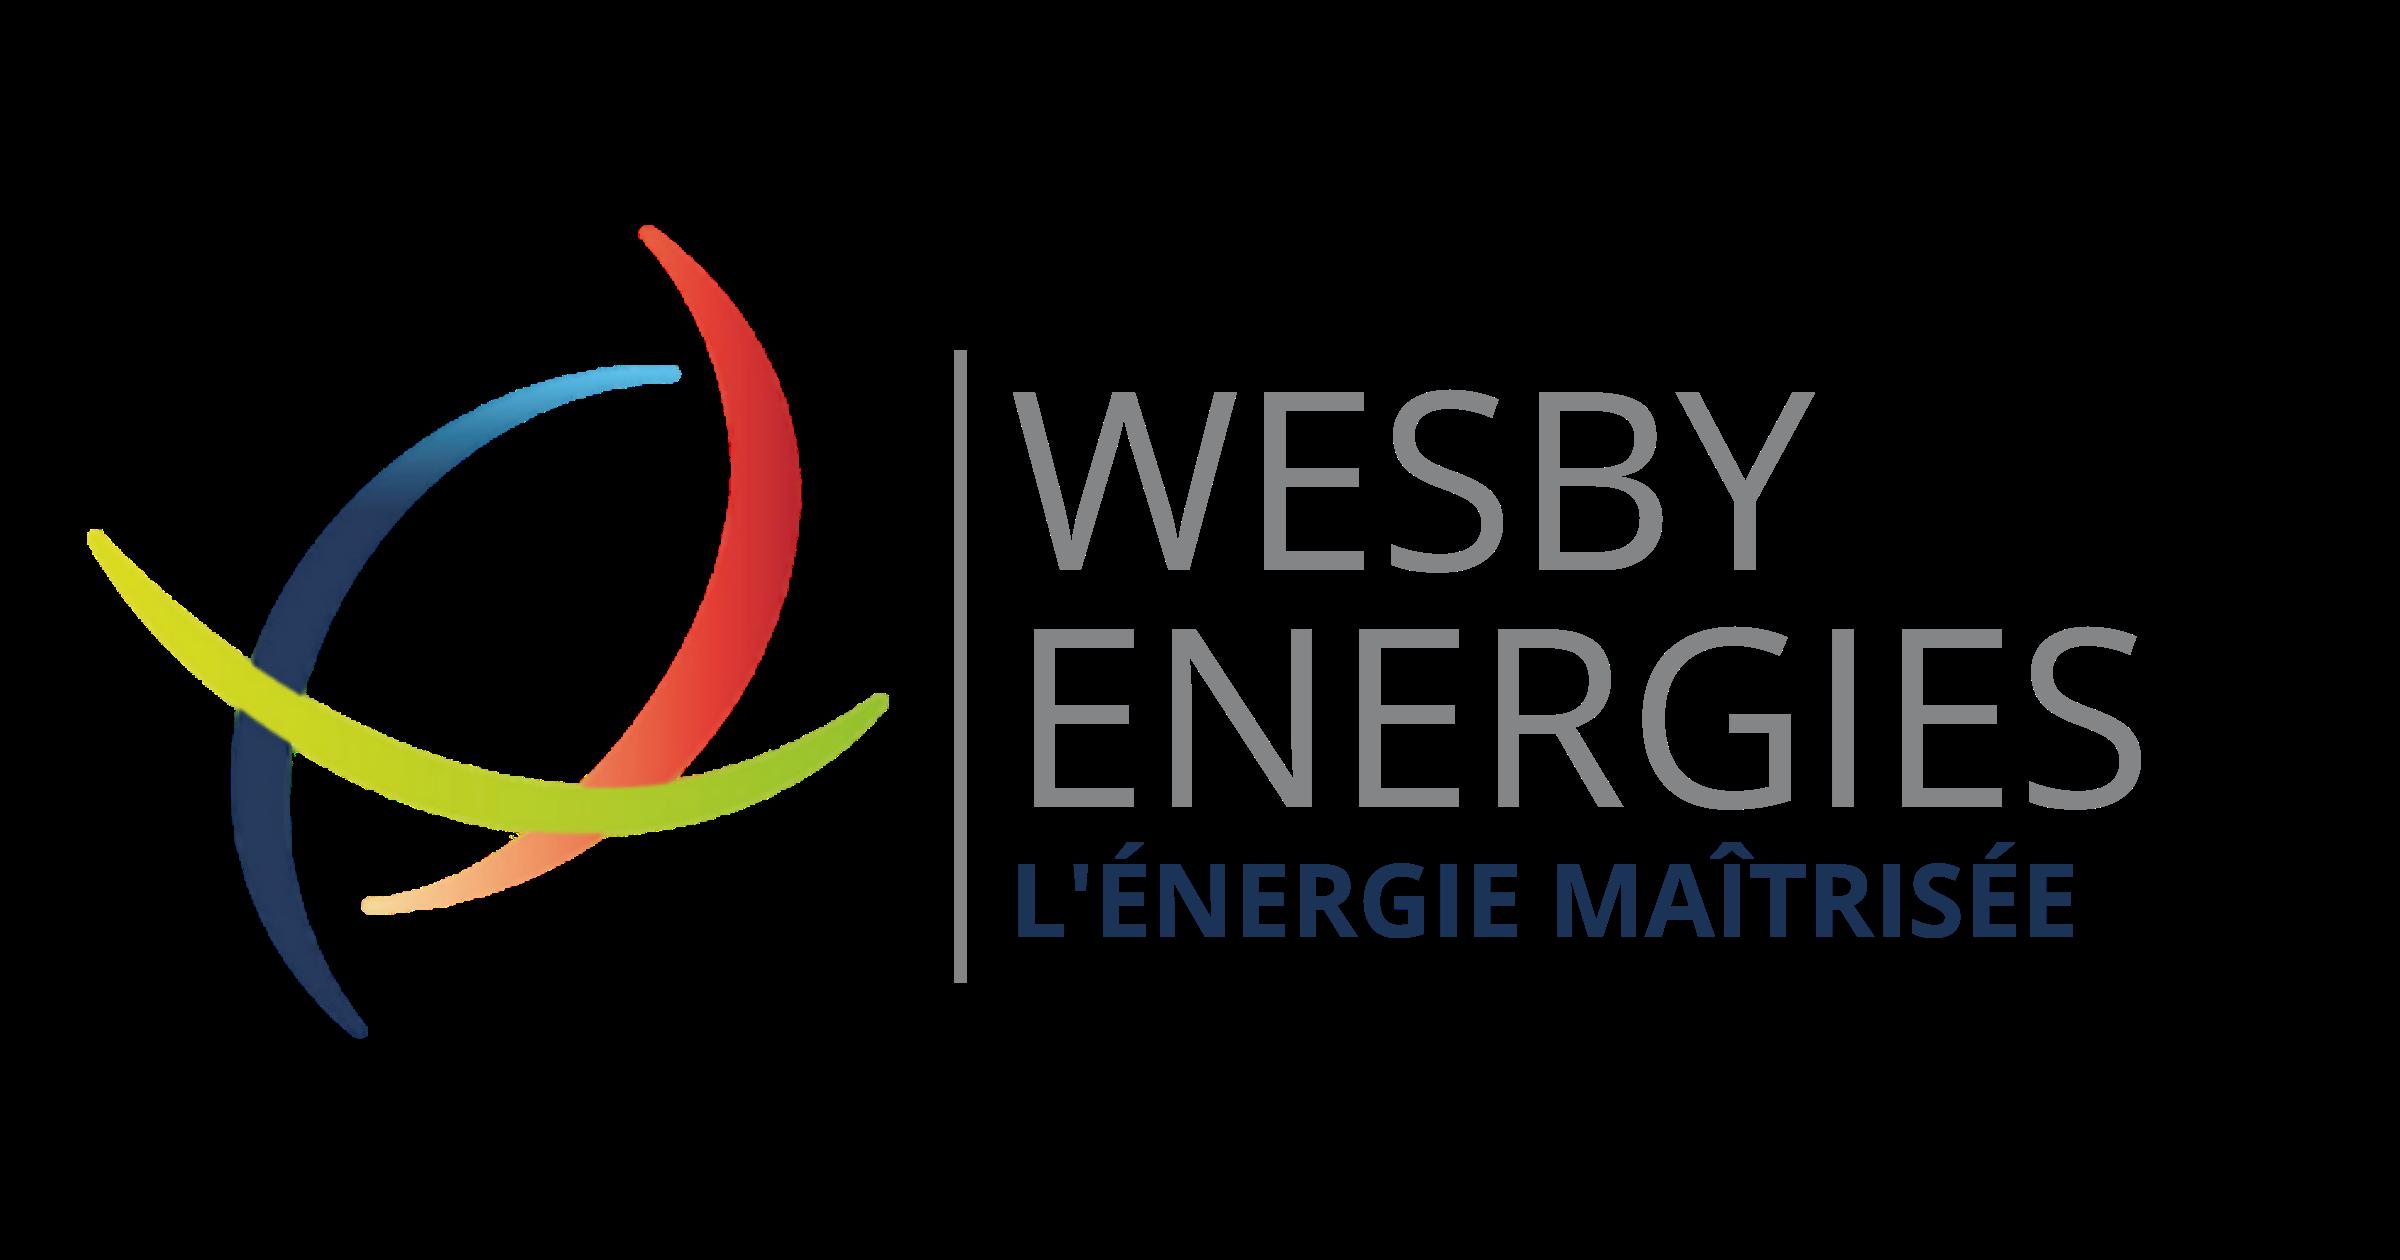 Wesby Energies